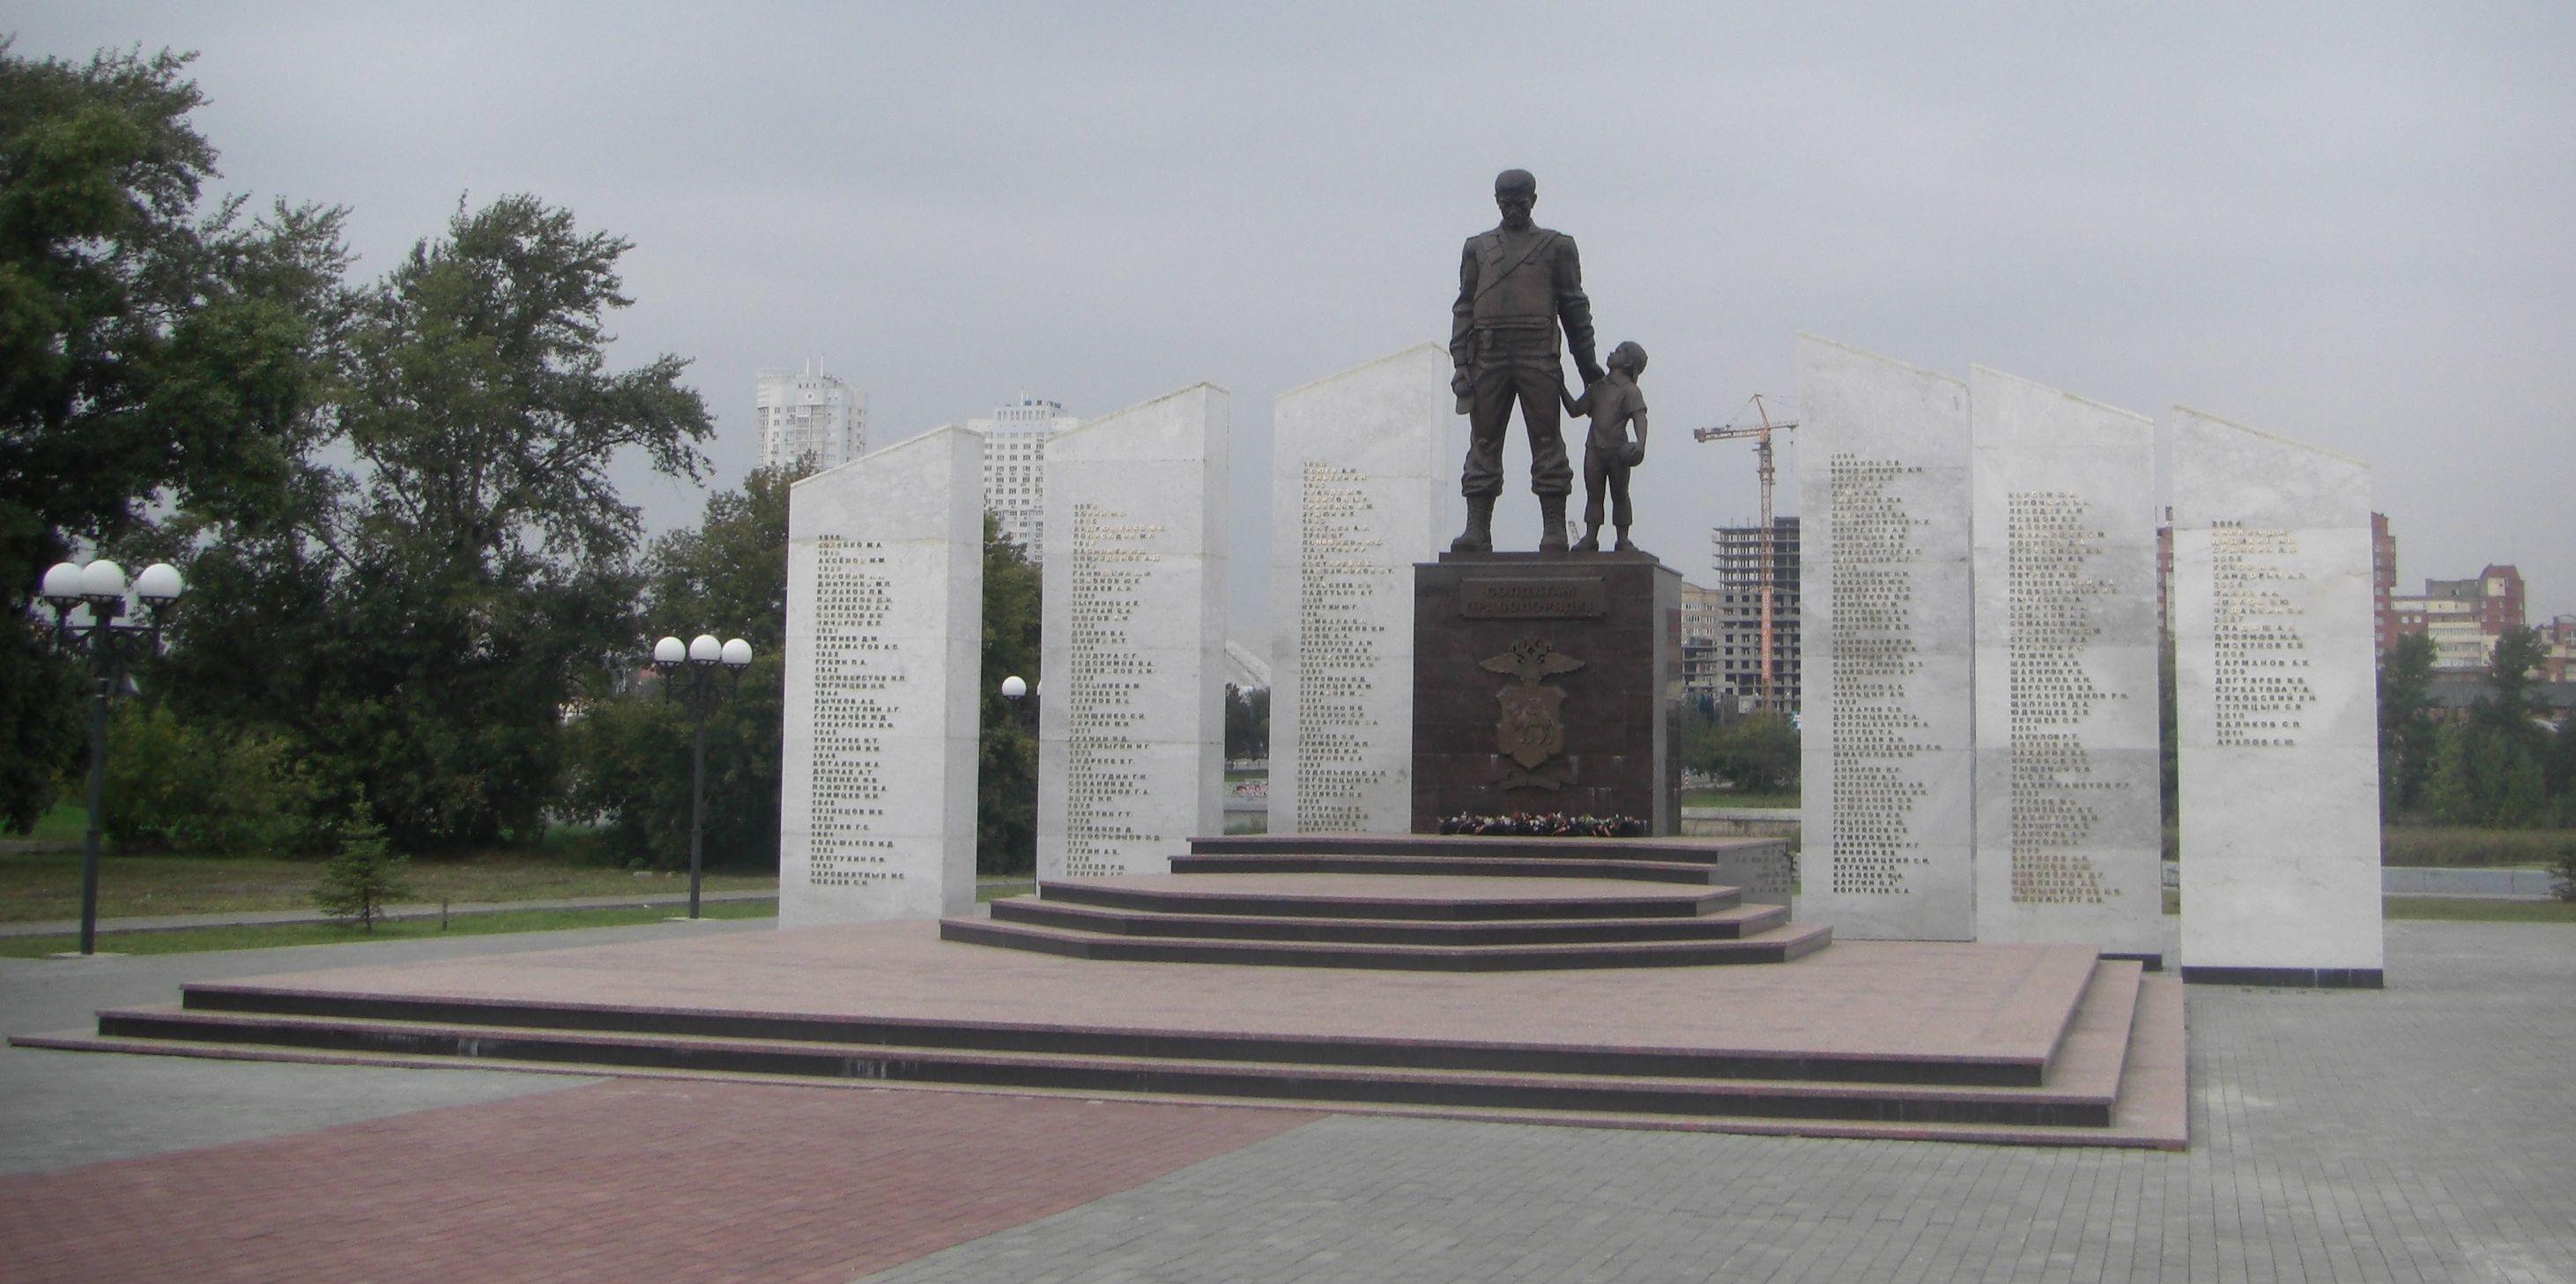 По сторонам от статуи 6 стел с именами погибших сотрудников. Всего более 200 фамилий. (26.05.2015)